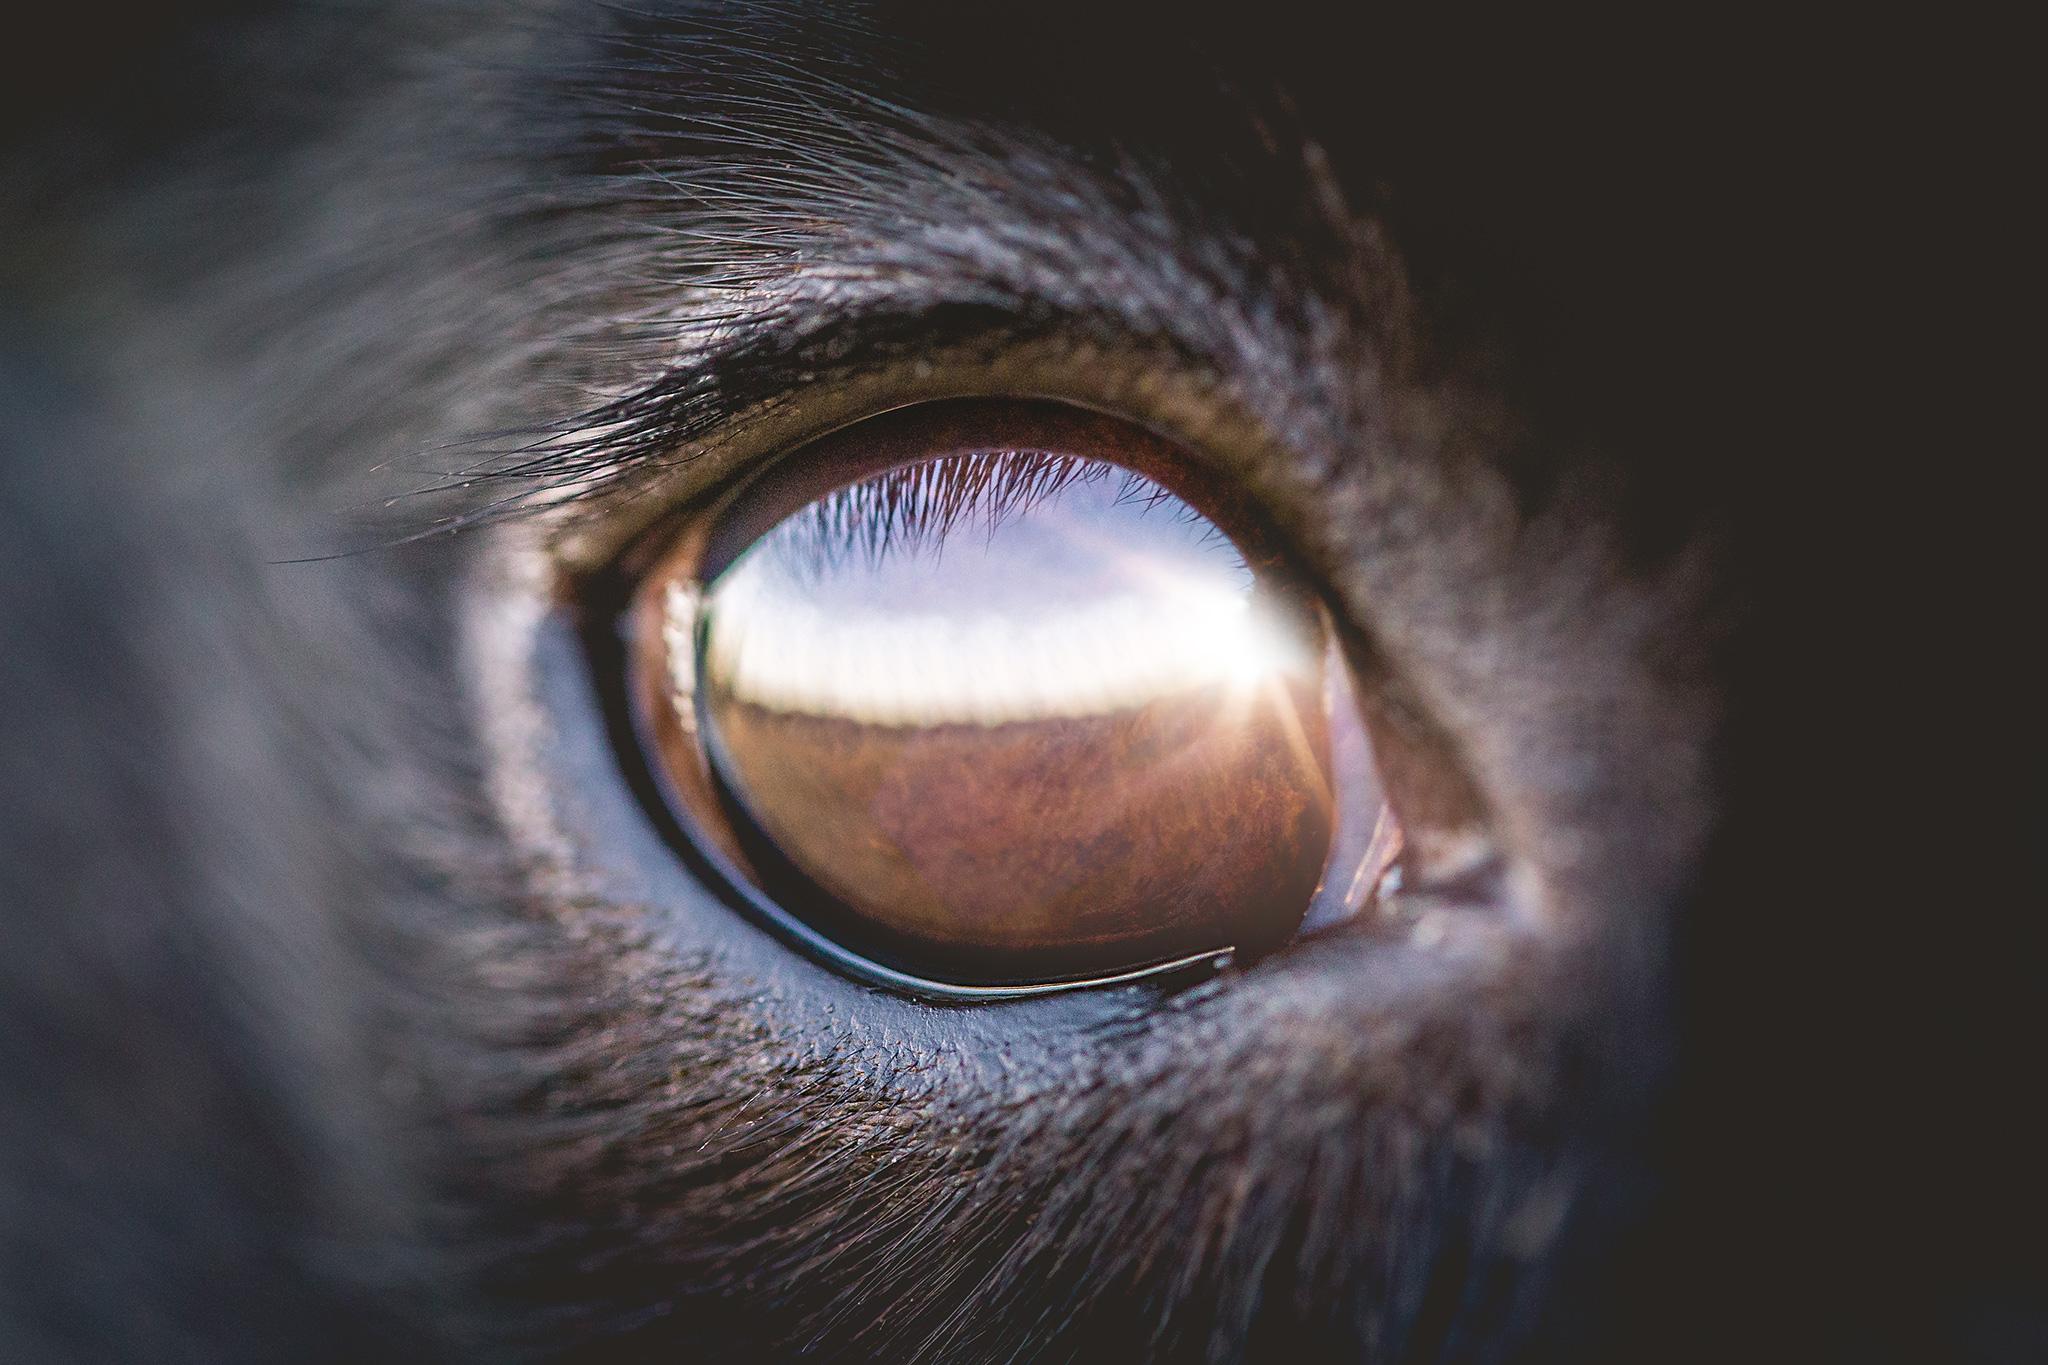 Die dritte Trächtigkeitswoche: Was blitzt da in Ellies Augen?